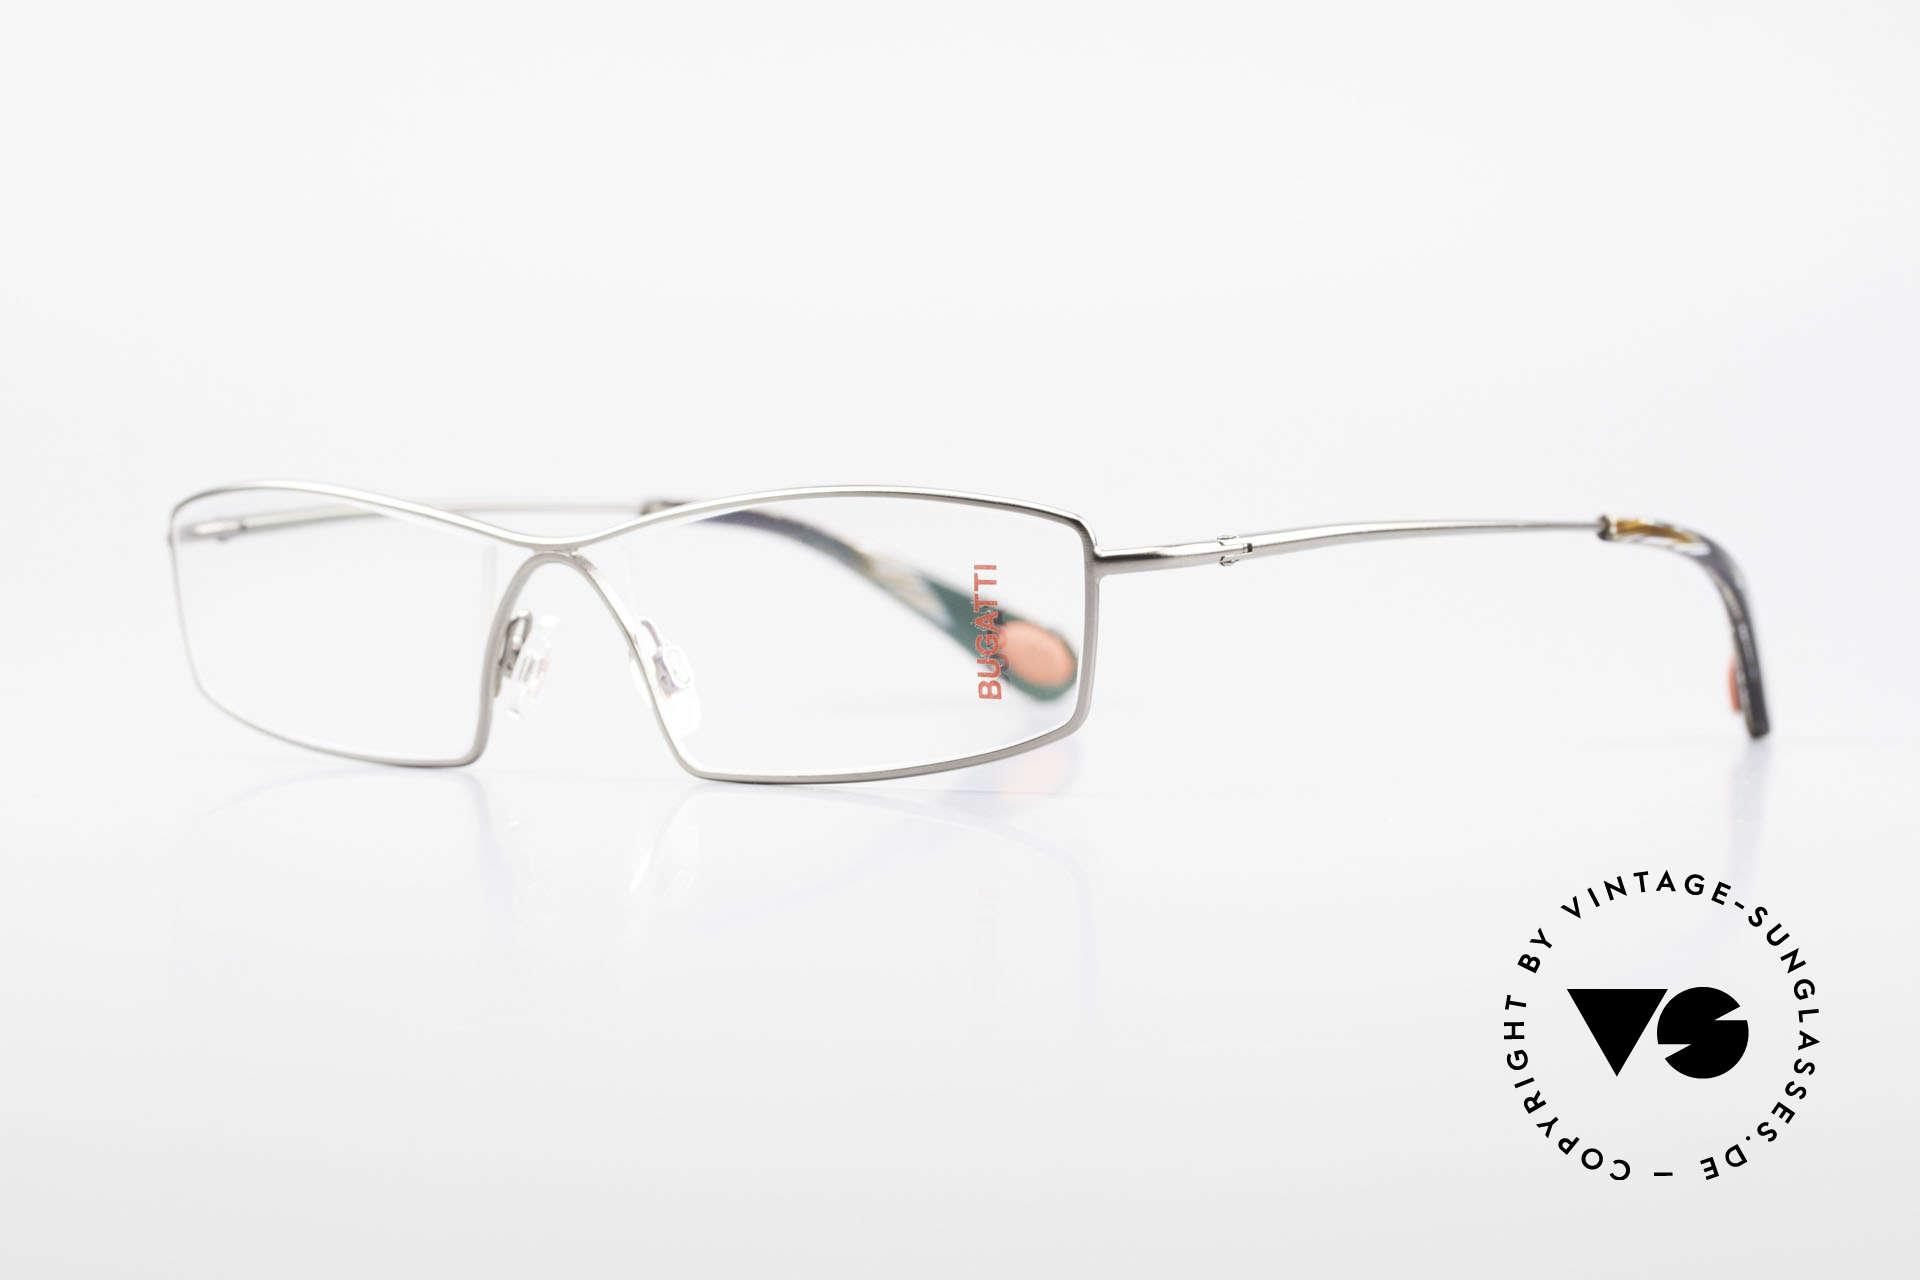 Bugatti 201 Odotype Luxury Designer Eyeglasses, high-tech frame & brilliant lens construction, Made for Men